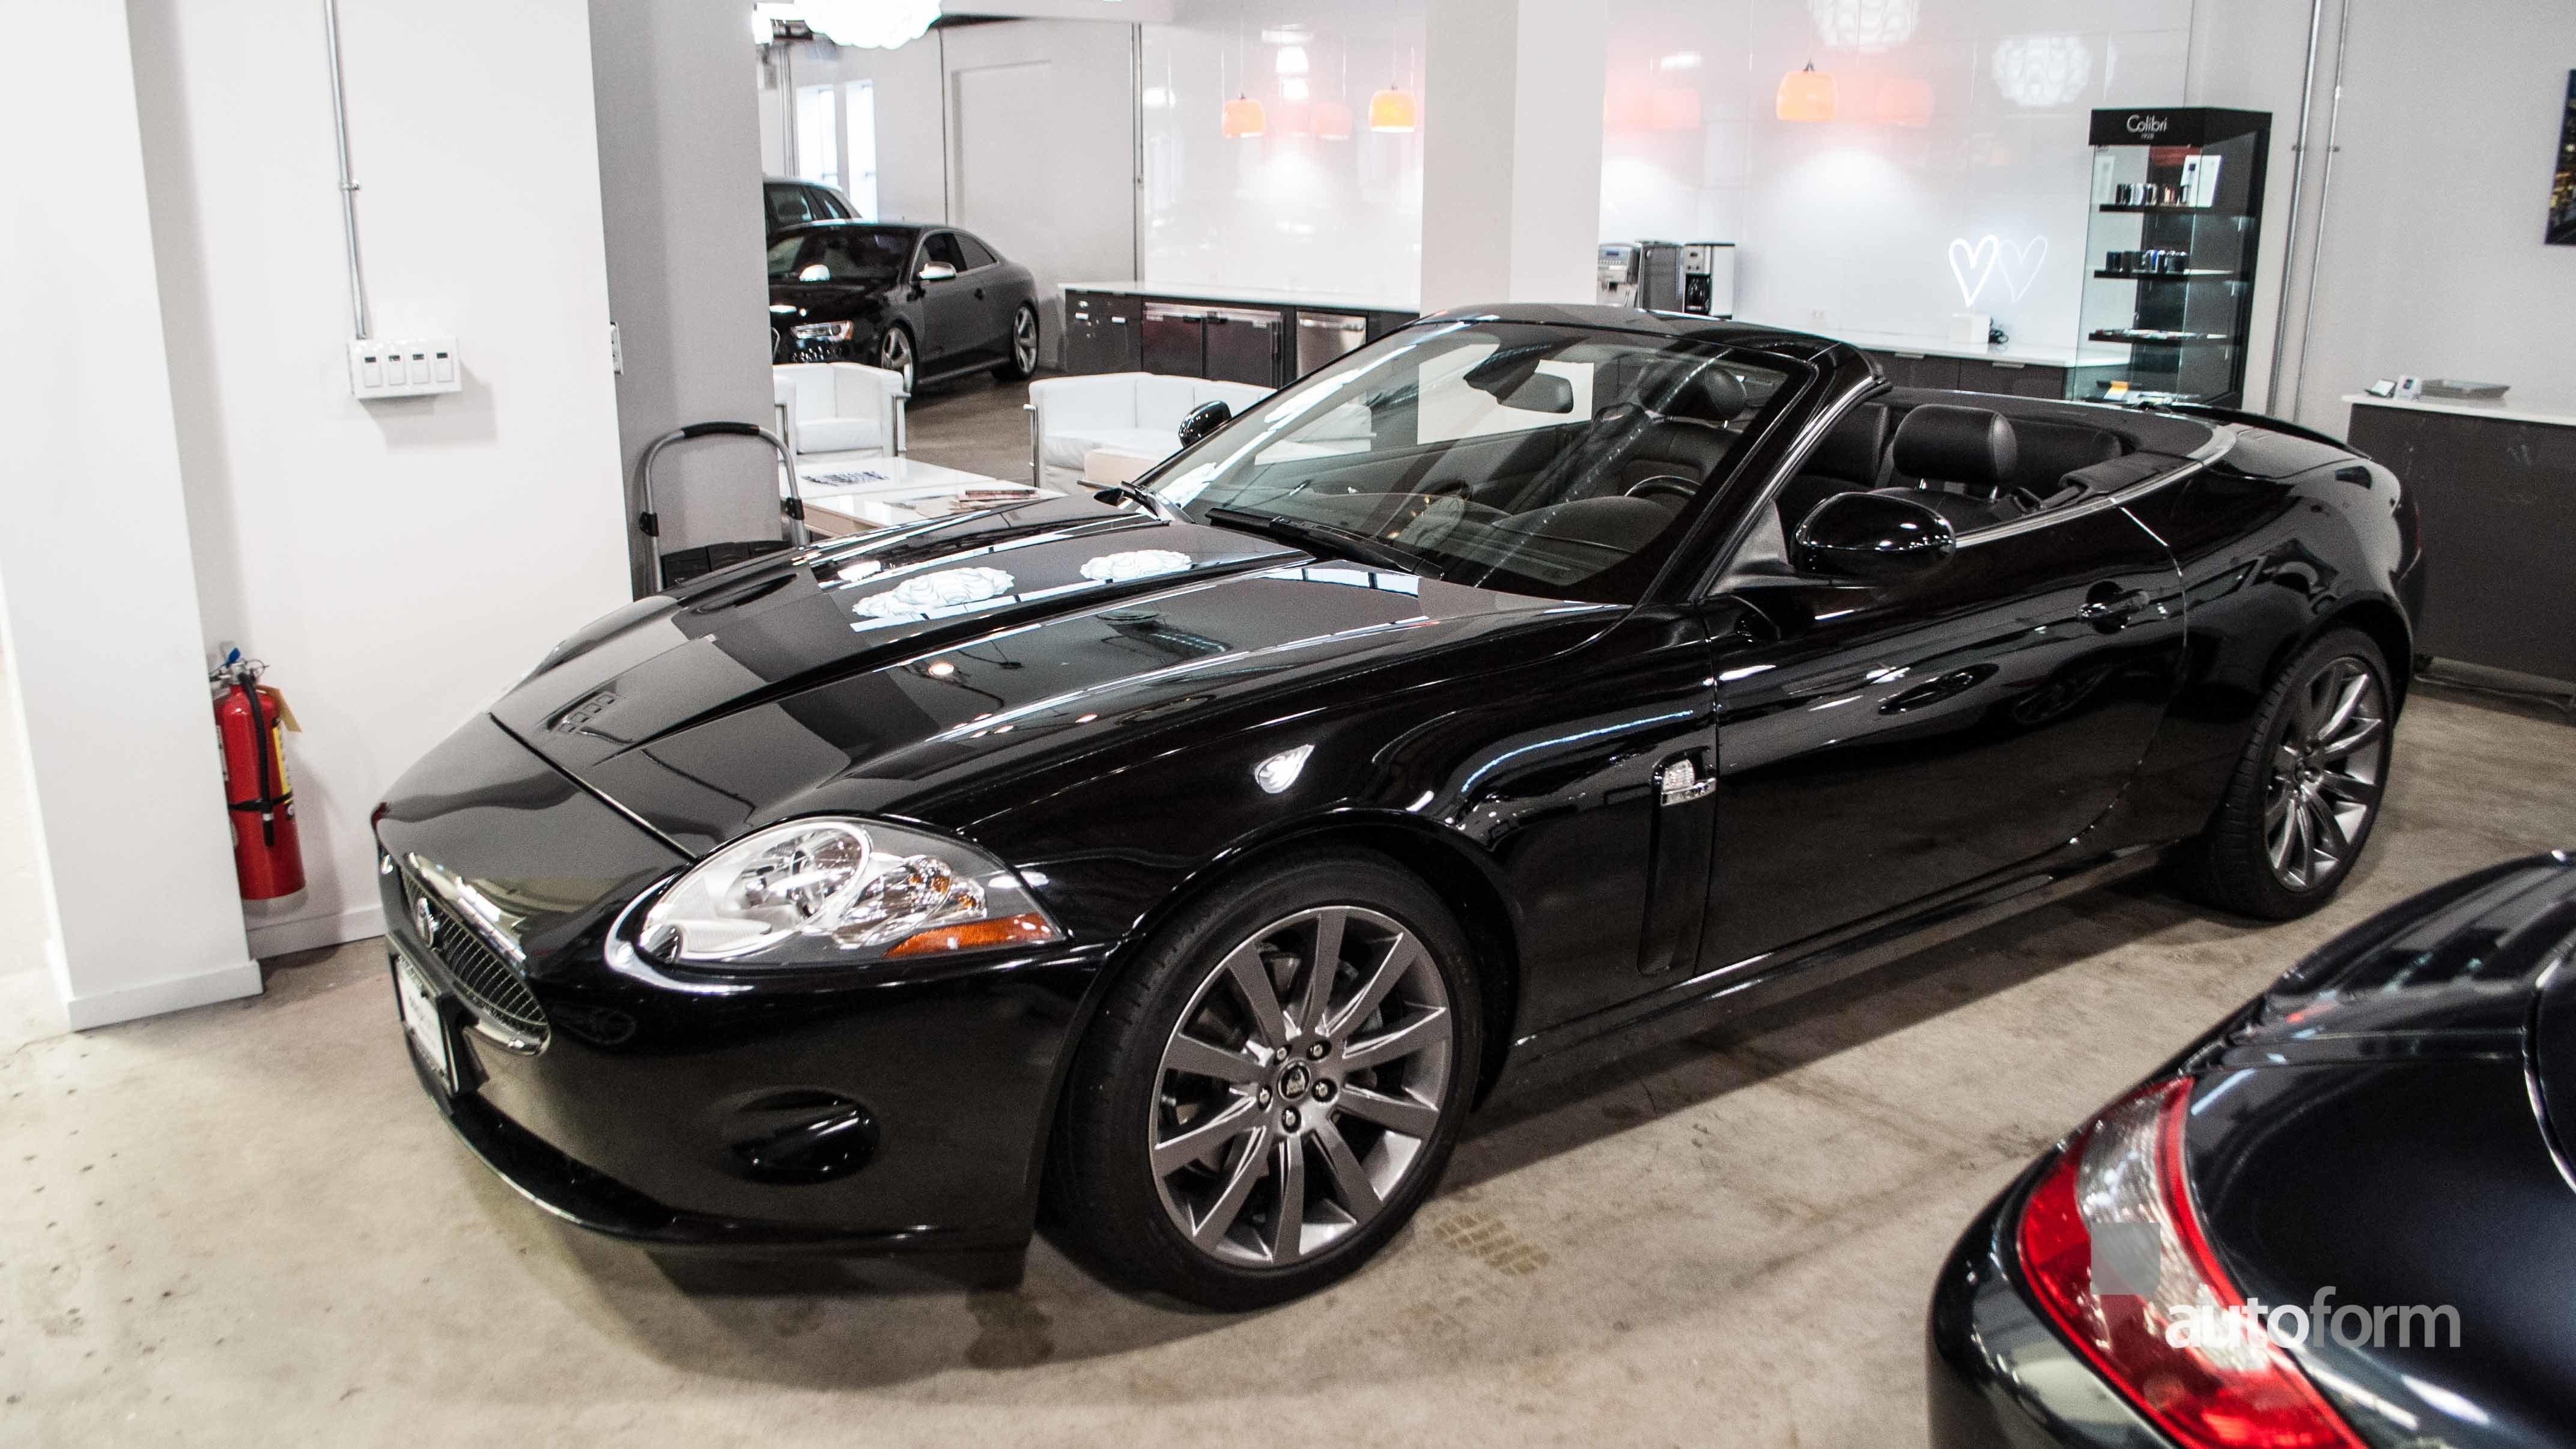 3397 4a50980b68ef2008 jaguar xk vancouver autoform